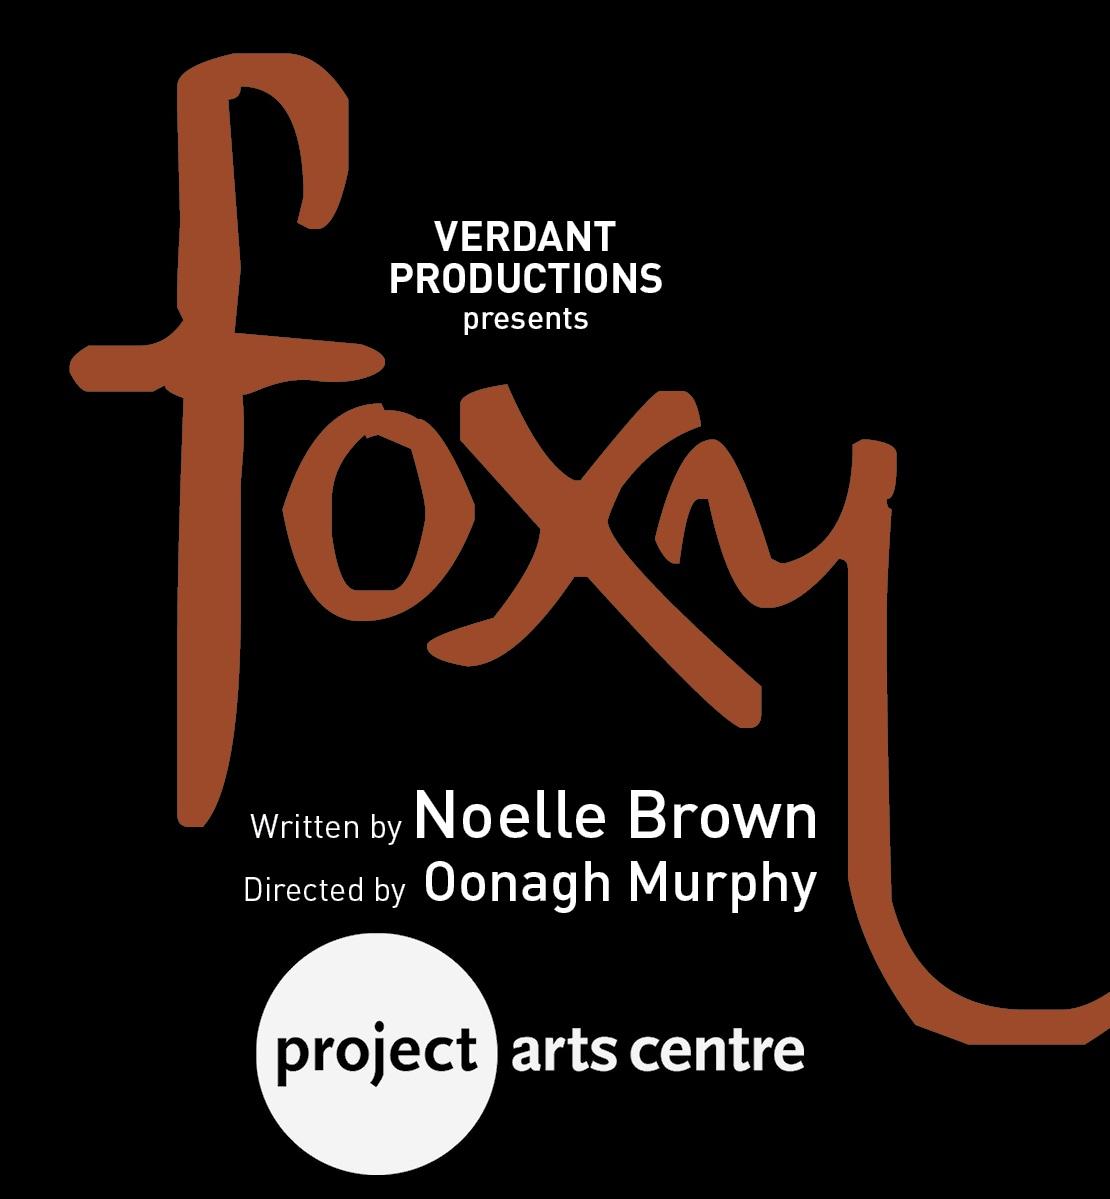 Foxy by Noelle Brown